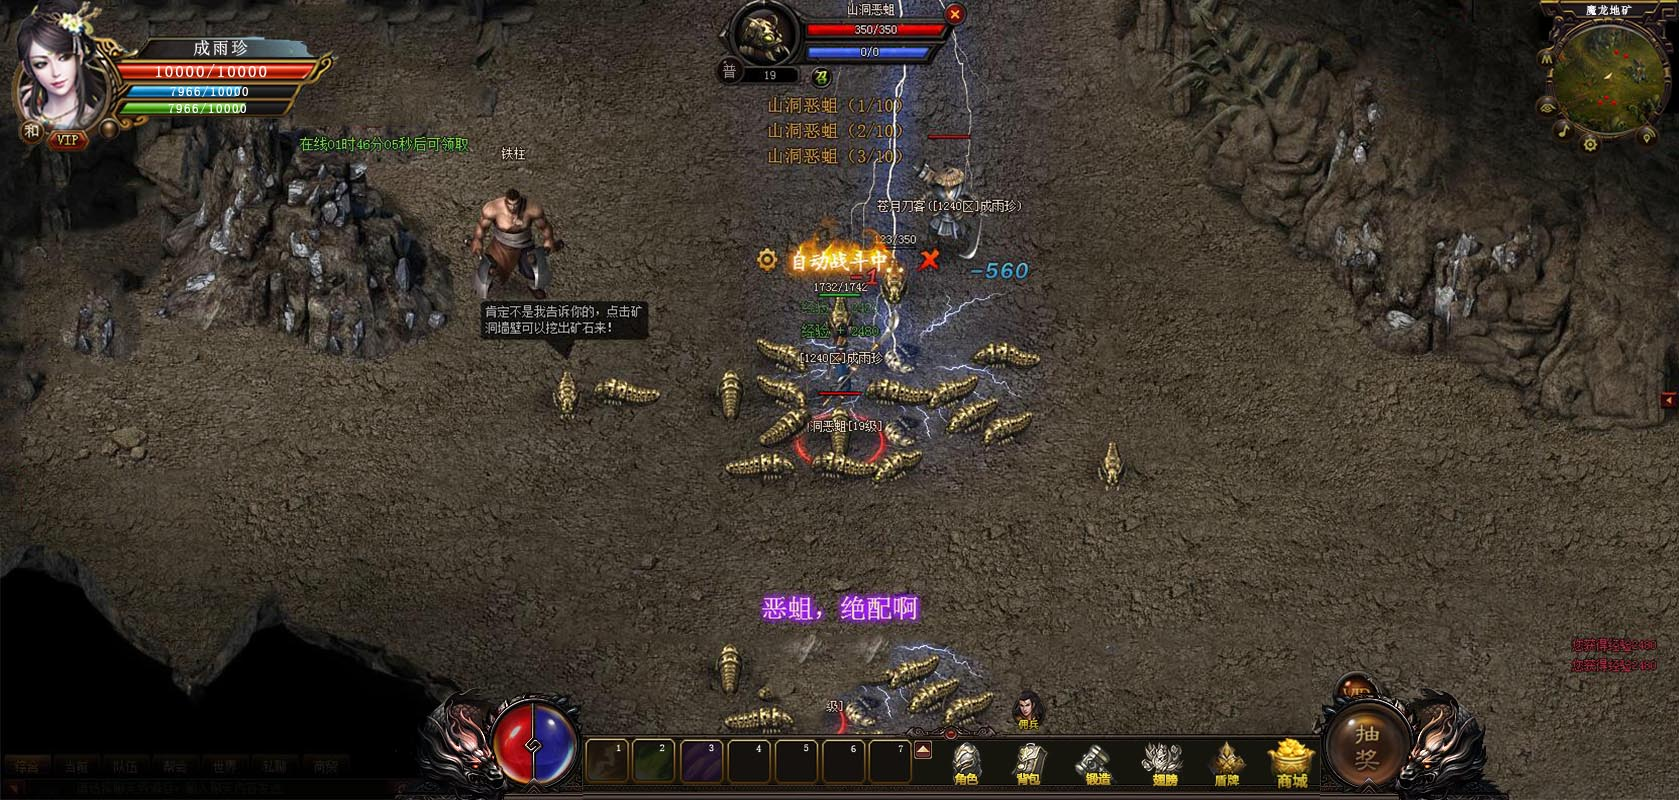 魔龙崛起OL游戏截图5